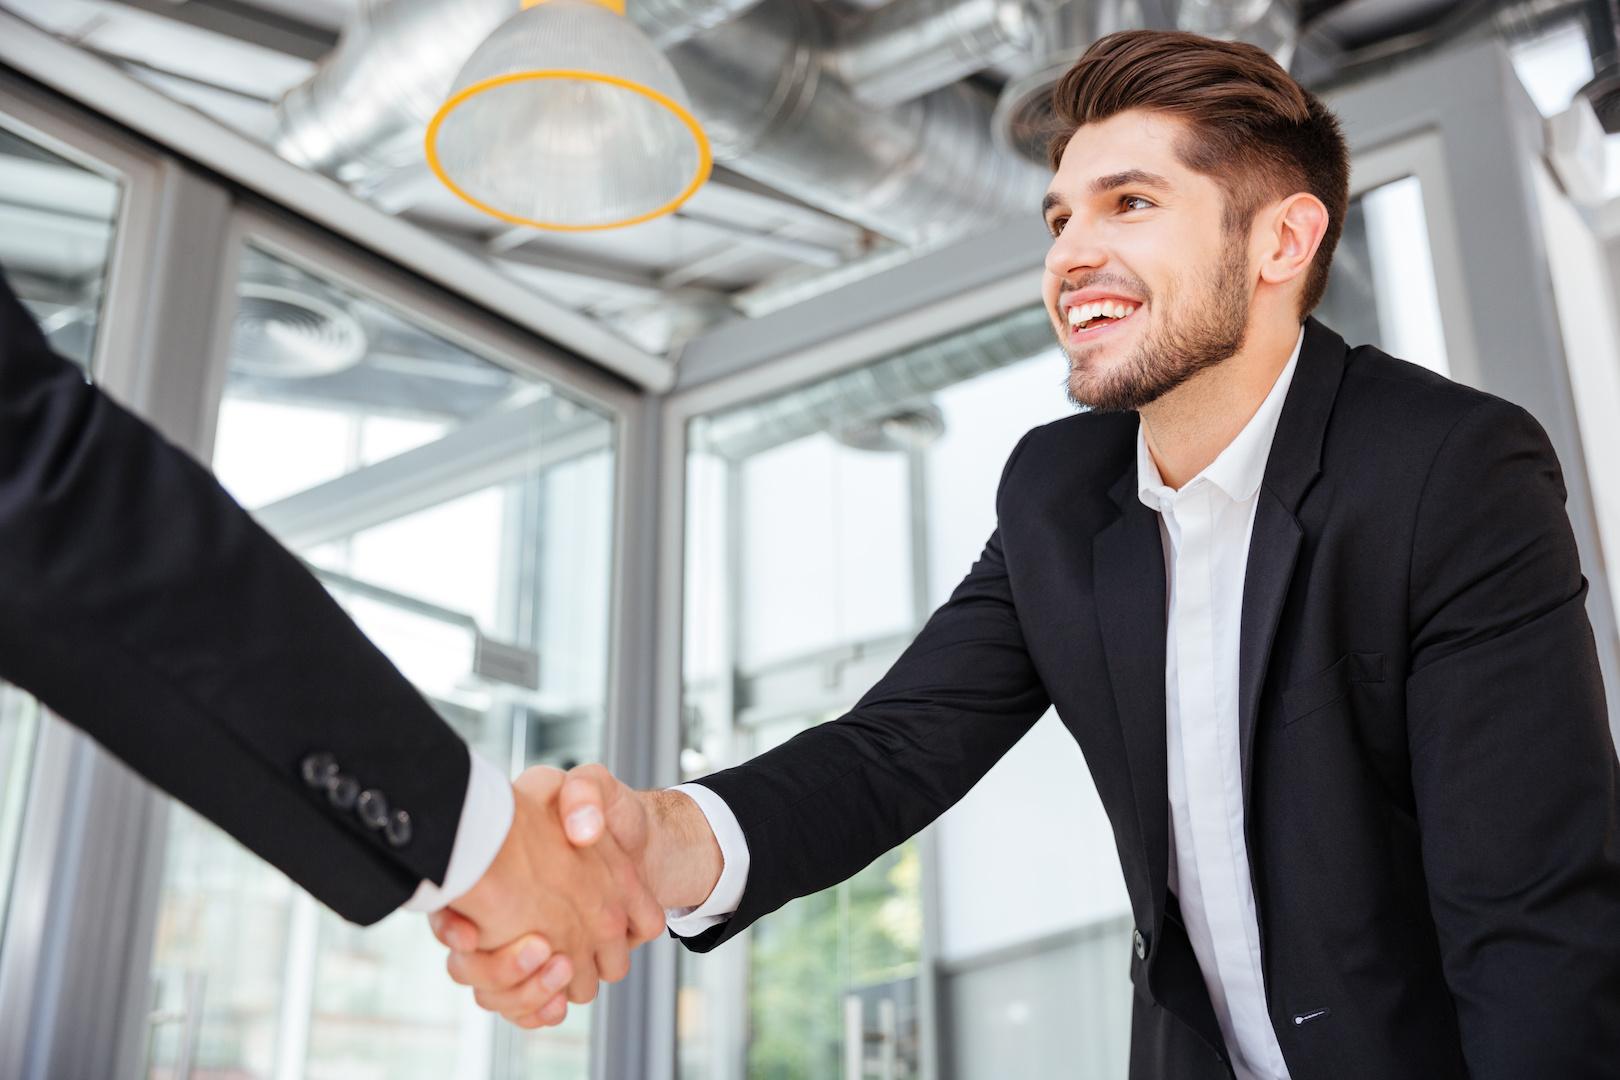 10 dicas para mandar bem numa entrevista de emprego